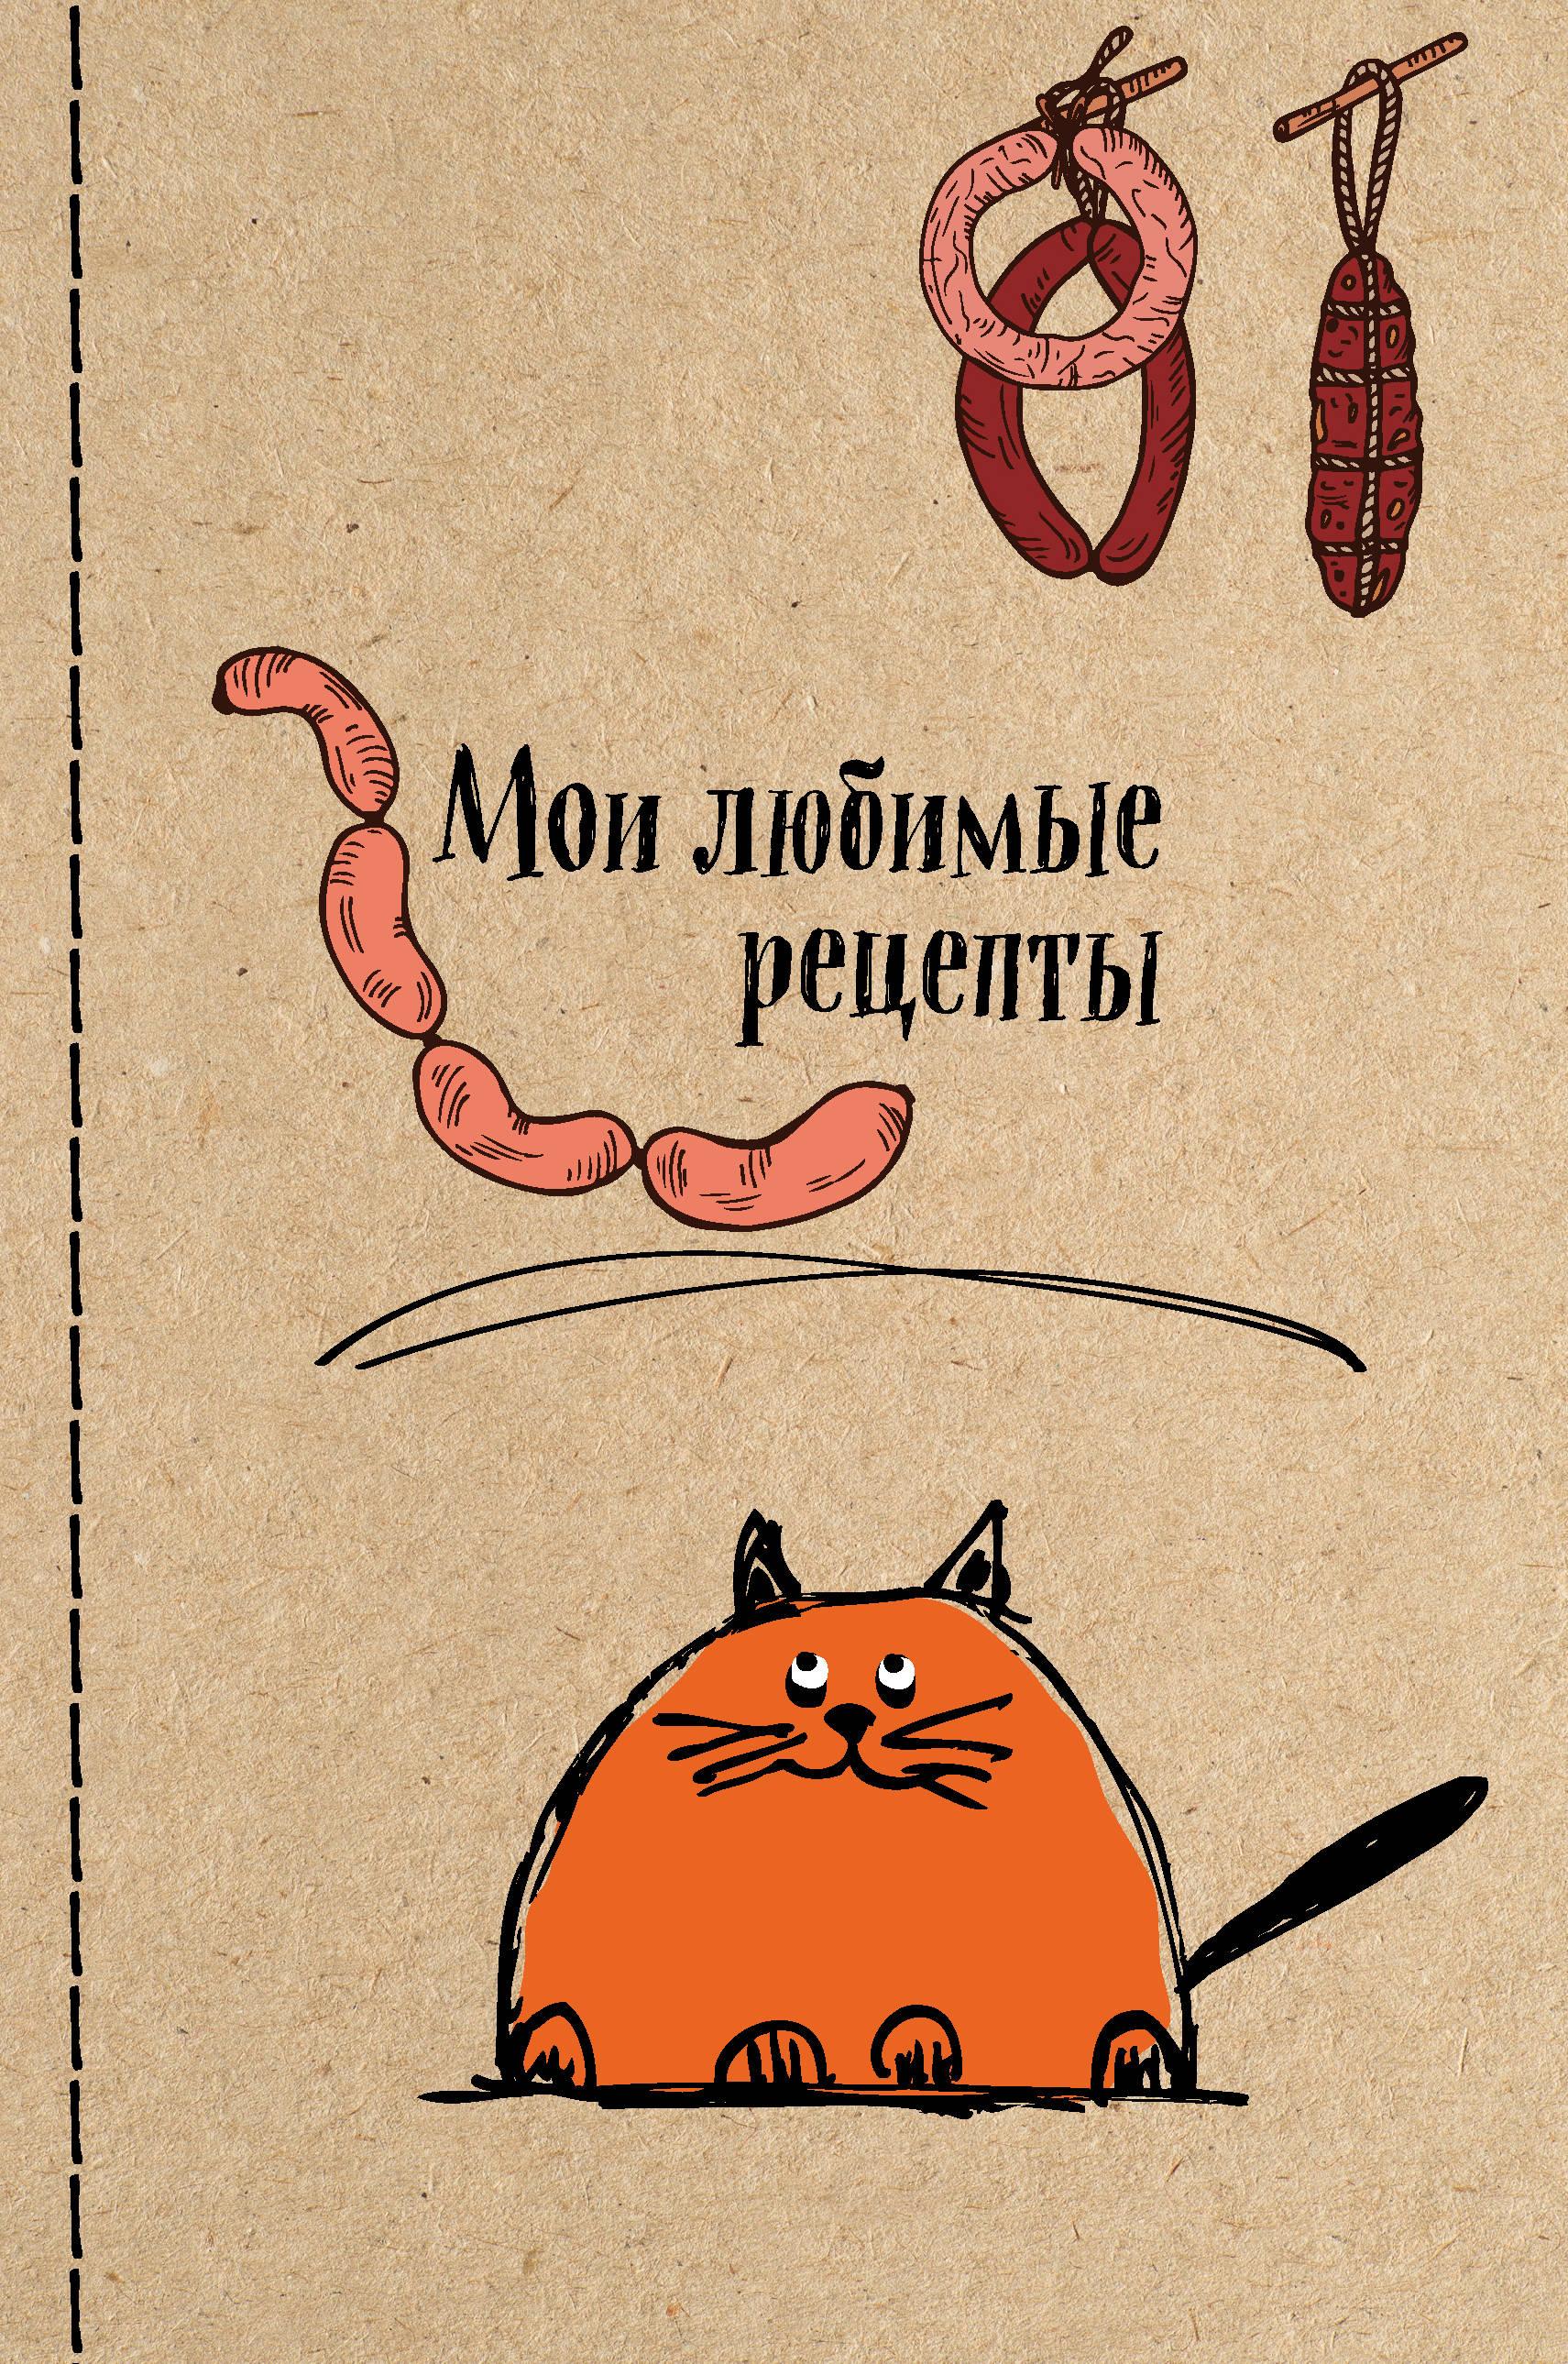 Поздравительная открытка, картинка с надписью книга рецептов